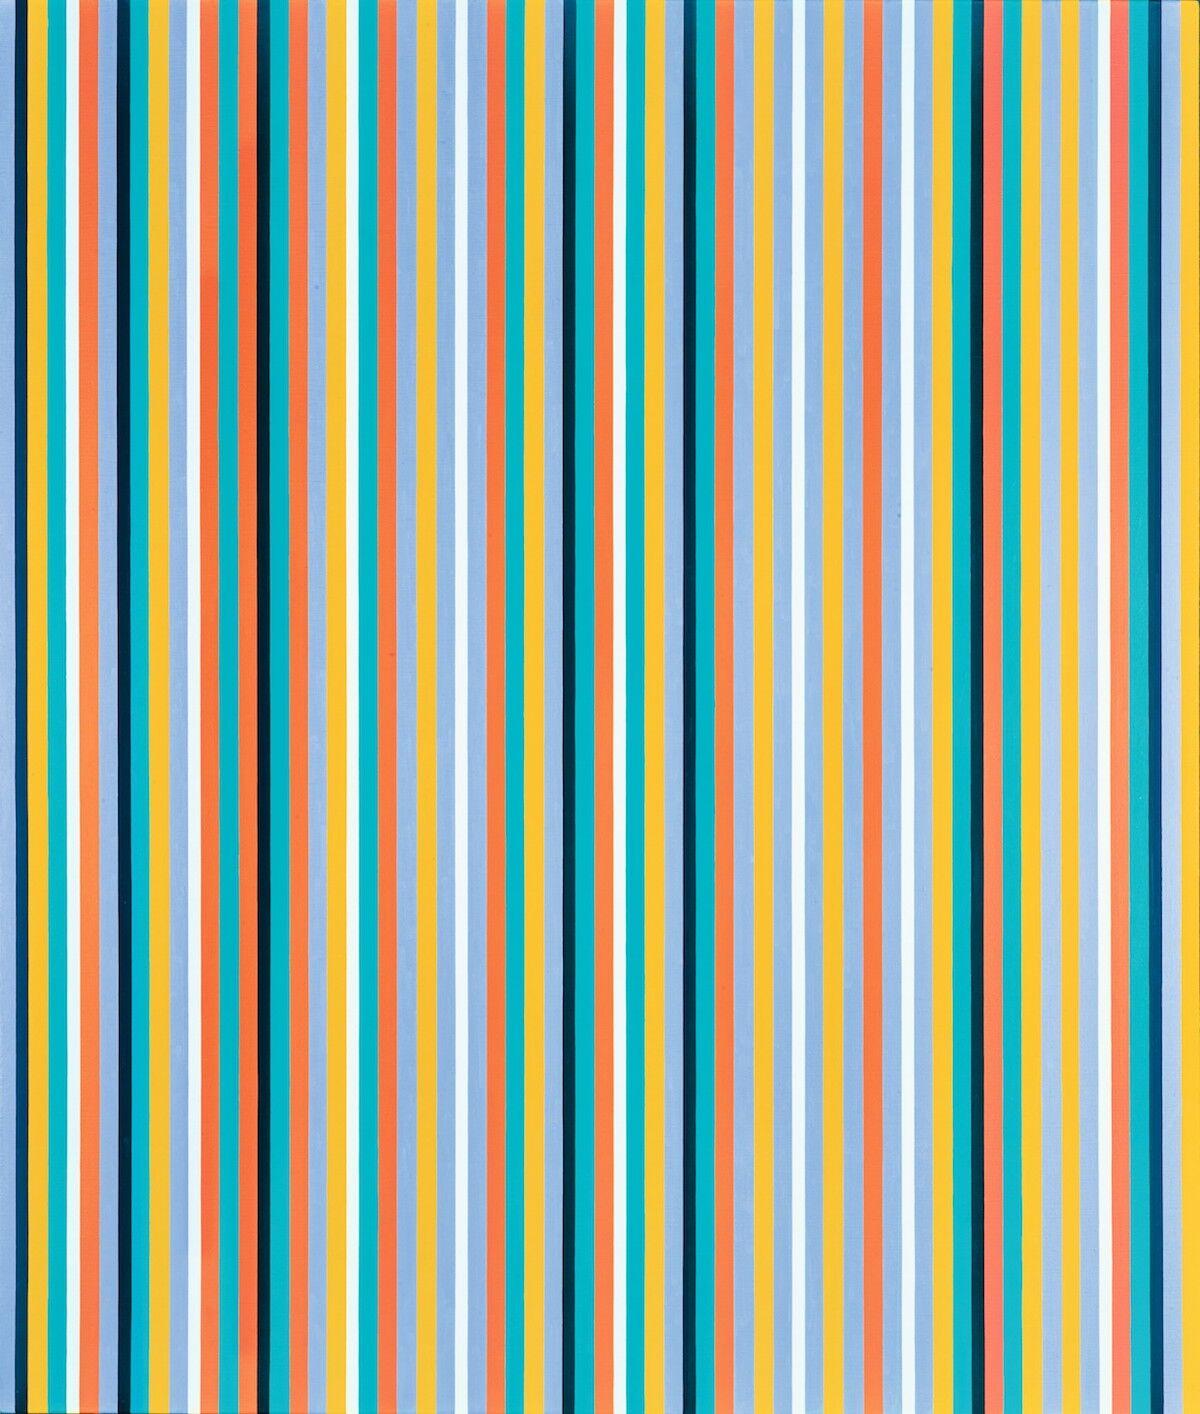 Bridget Riley, Cool Edge, 1982. Est. £800,000–1.2 million ($1 million–1.5 million). Courtesy Sotheby's.